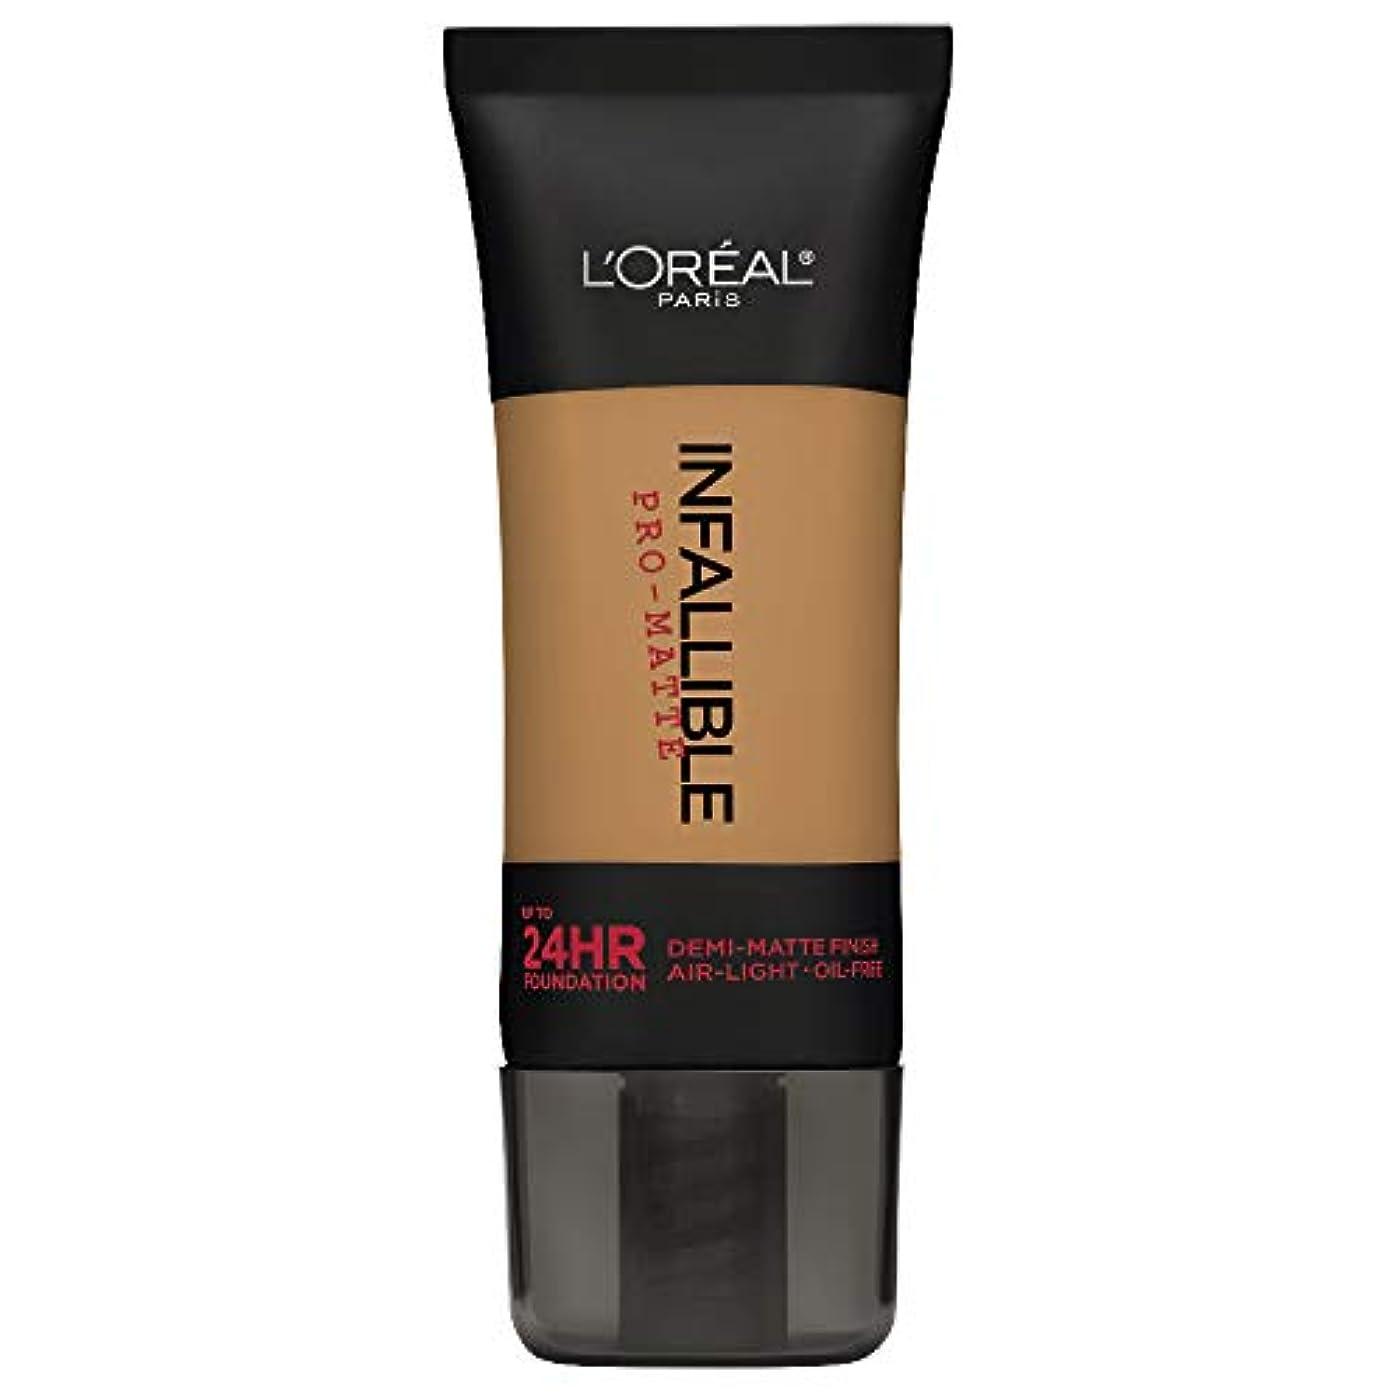 L'Oreal Paris Infallible Pro-Matte Foundation Makeup, 108 Caramel Beige, 1 fl. oz[並行輸入品]